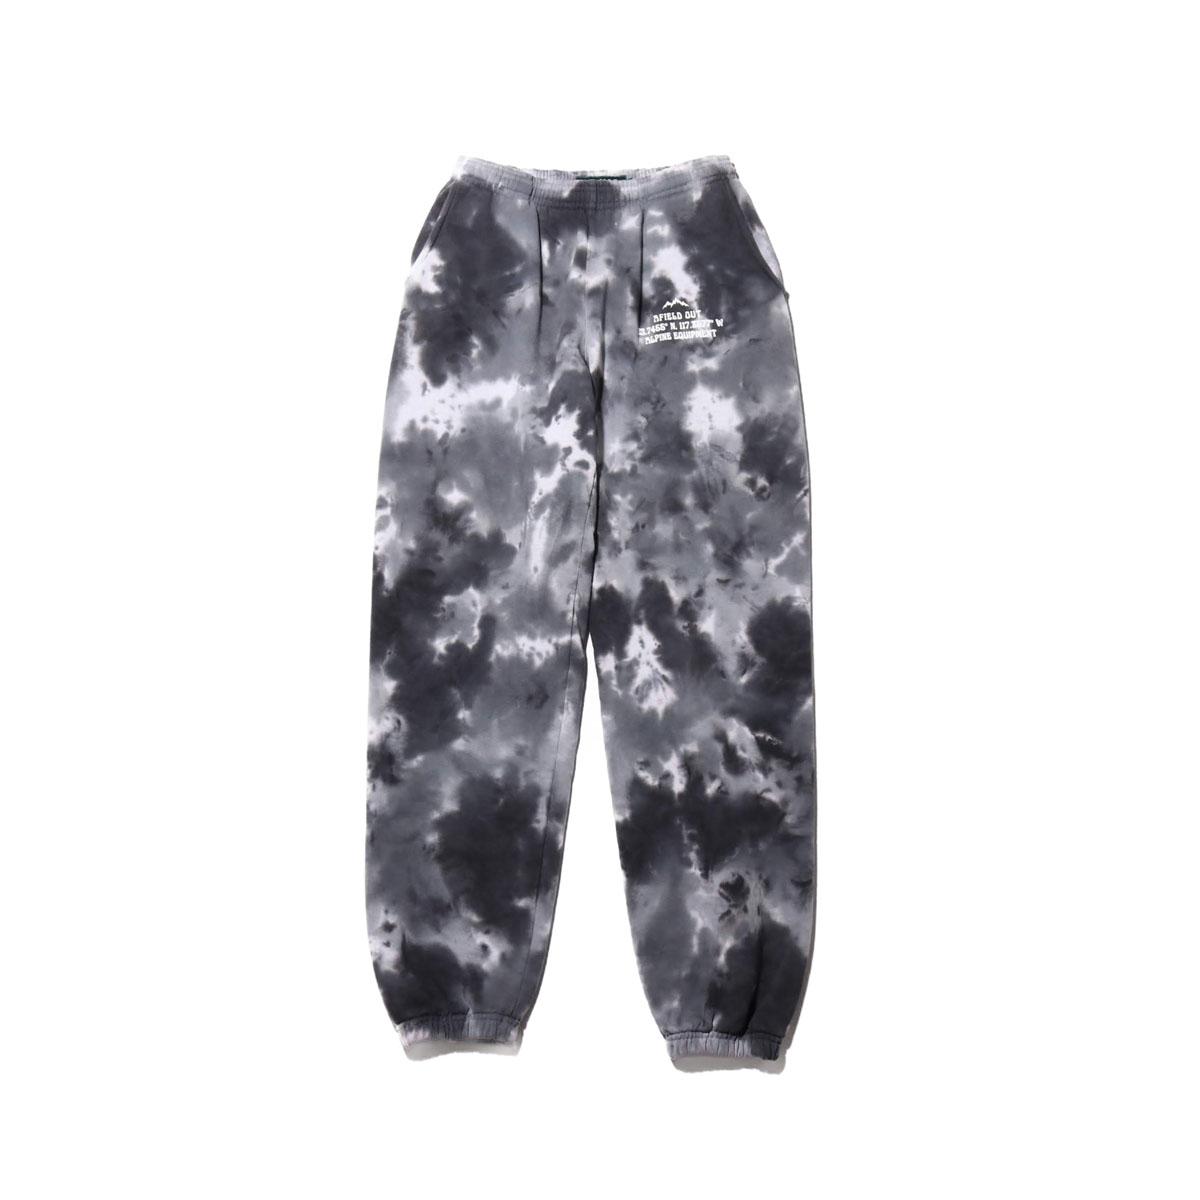 AFIELD OUT TIE DYE SWEAT PANTS(アフィールドアウト タイダイ フーディ スウェットパンツ)Black Tie Dye【メンズ ロングパンツ】20SU-I